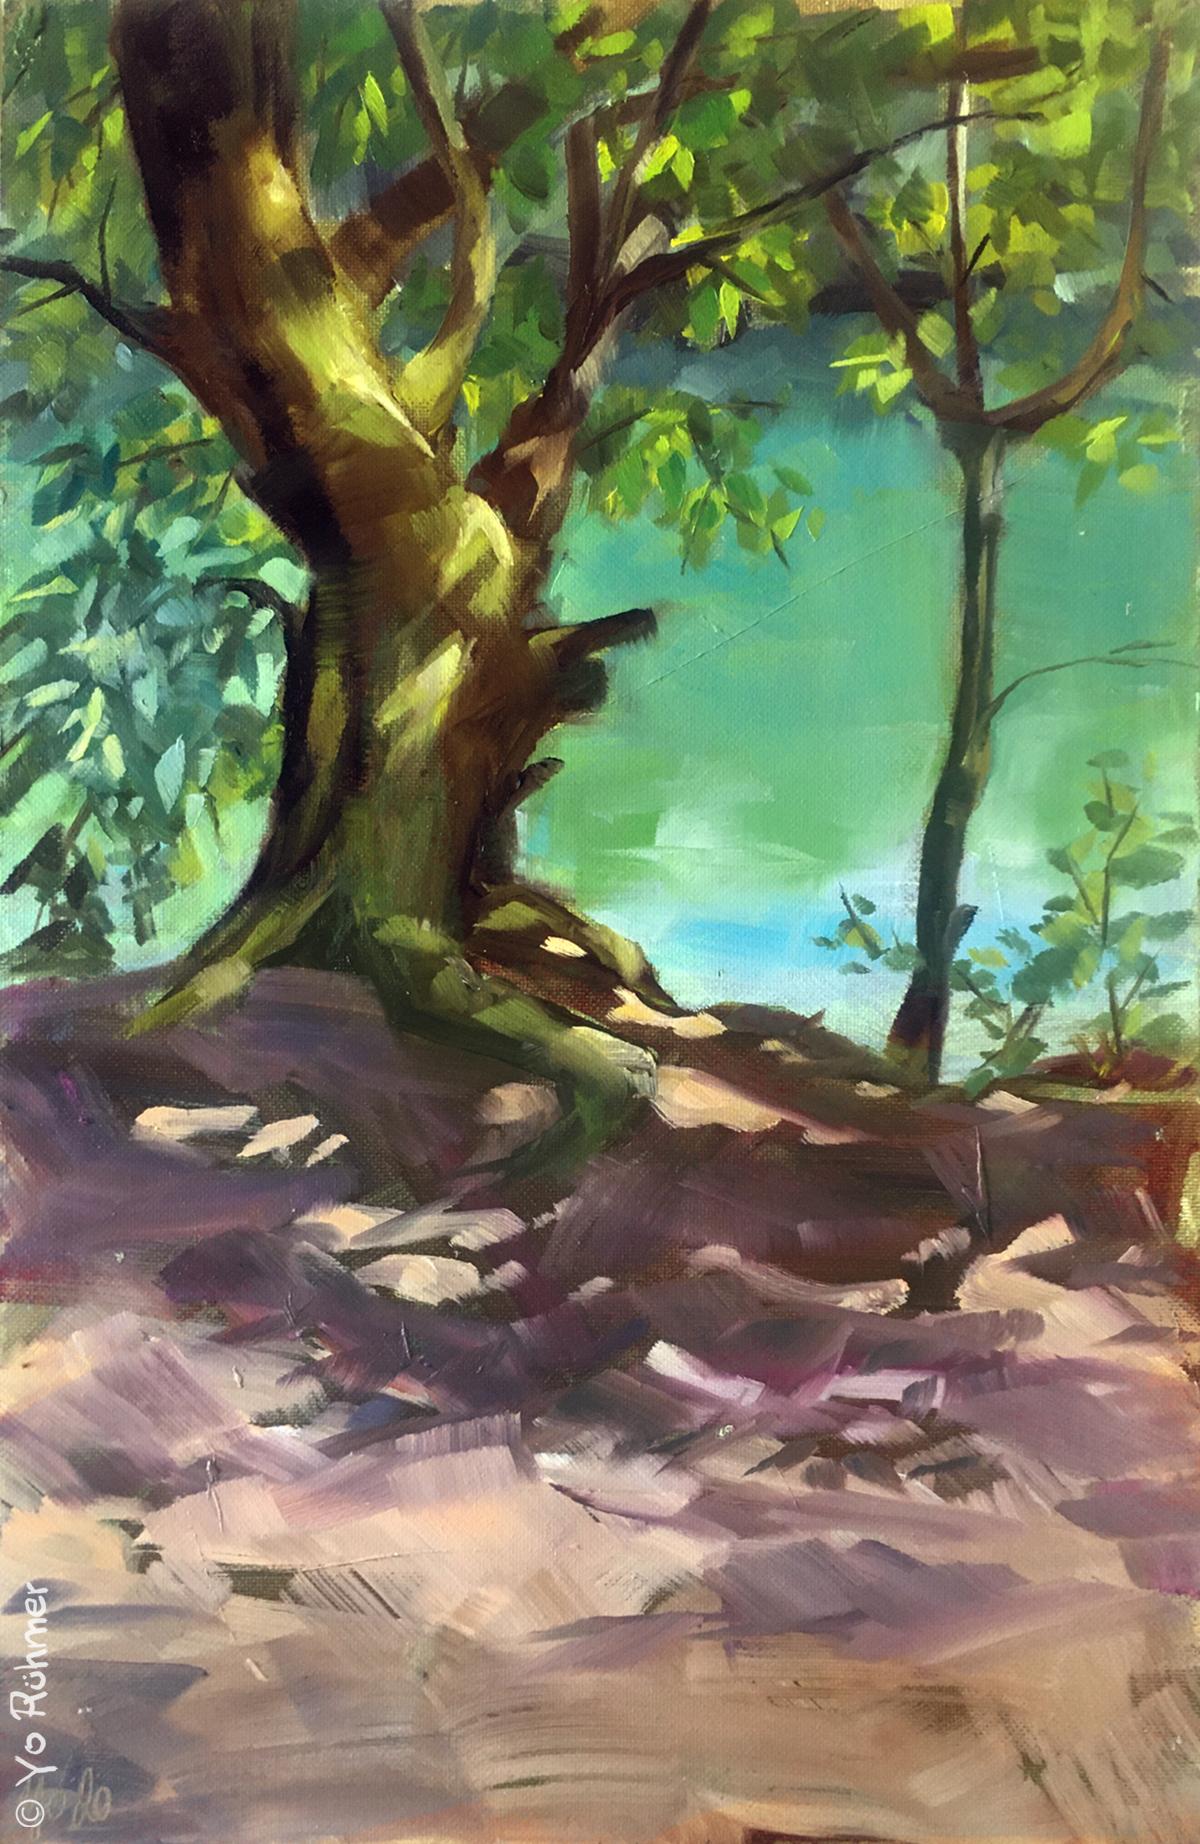 Baum_gemalt